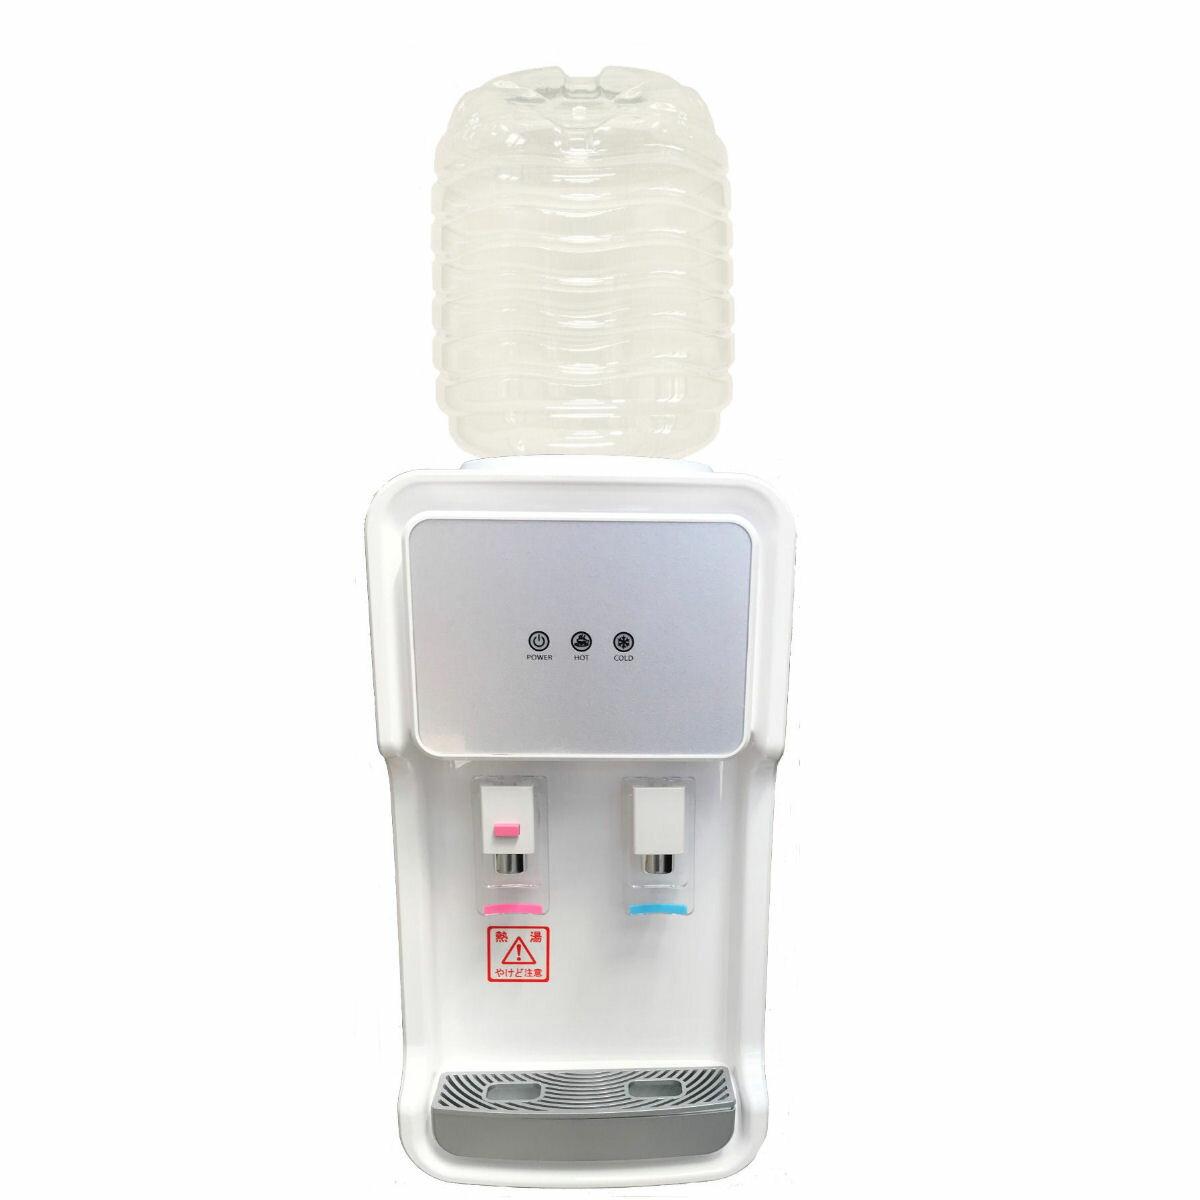 ウォーターサーバー卓上型 GD-501S ホワイト 専用8リットルPETボトル2本つき